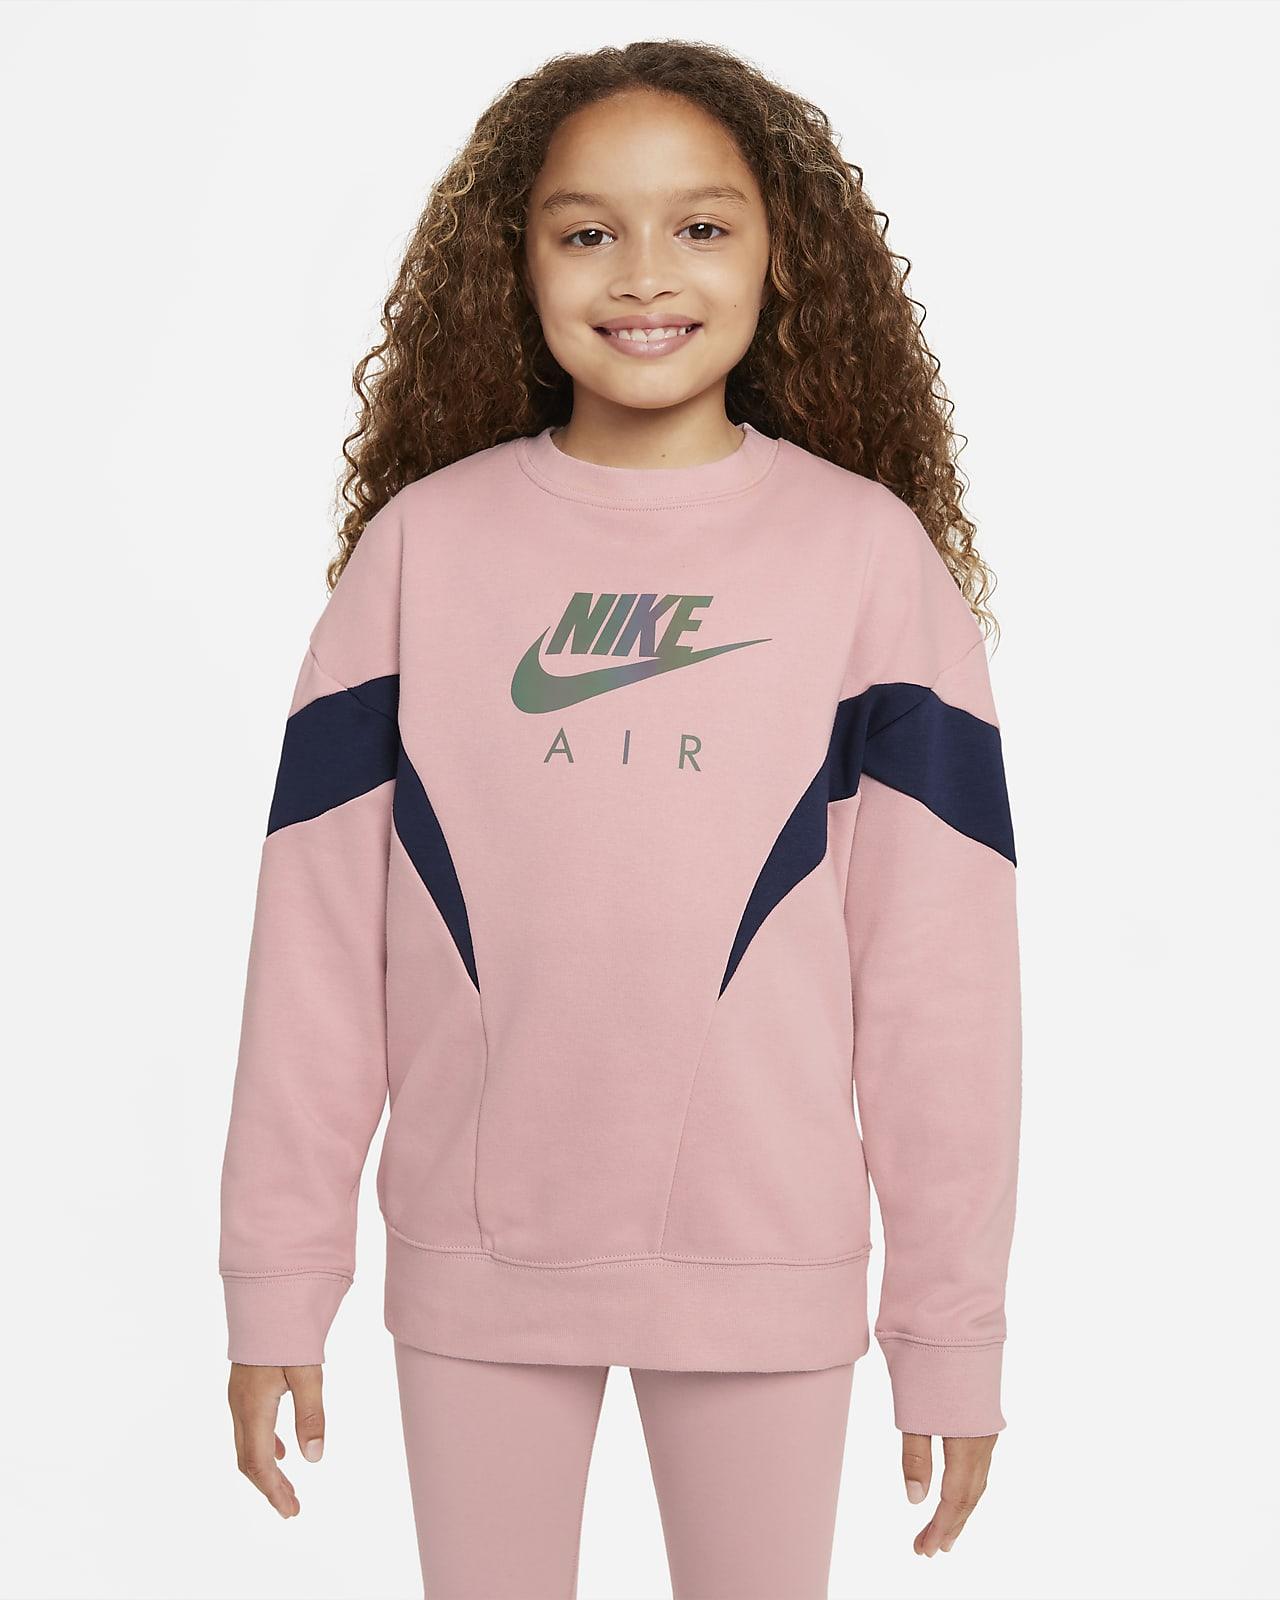 Nike Air Sudadera de chándal de tejido French terry - Niña